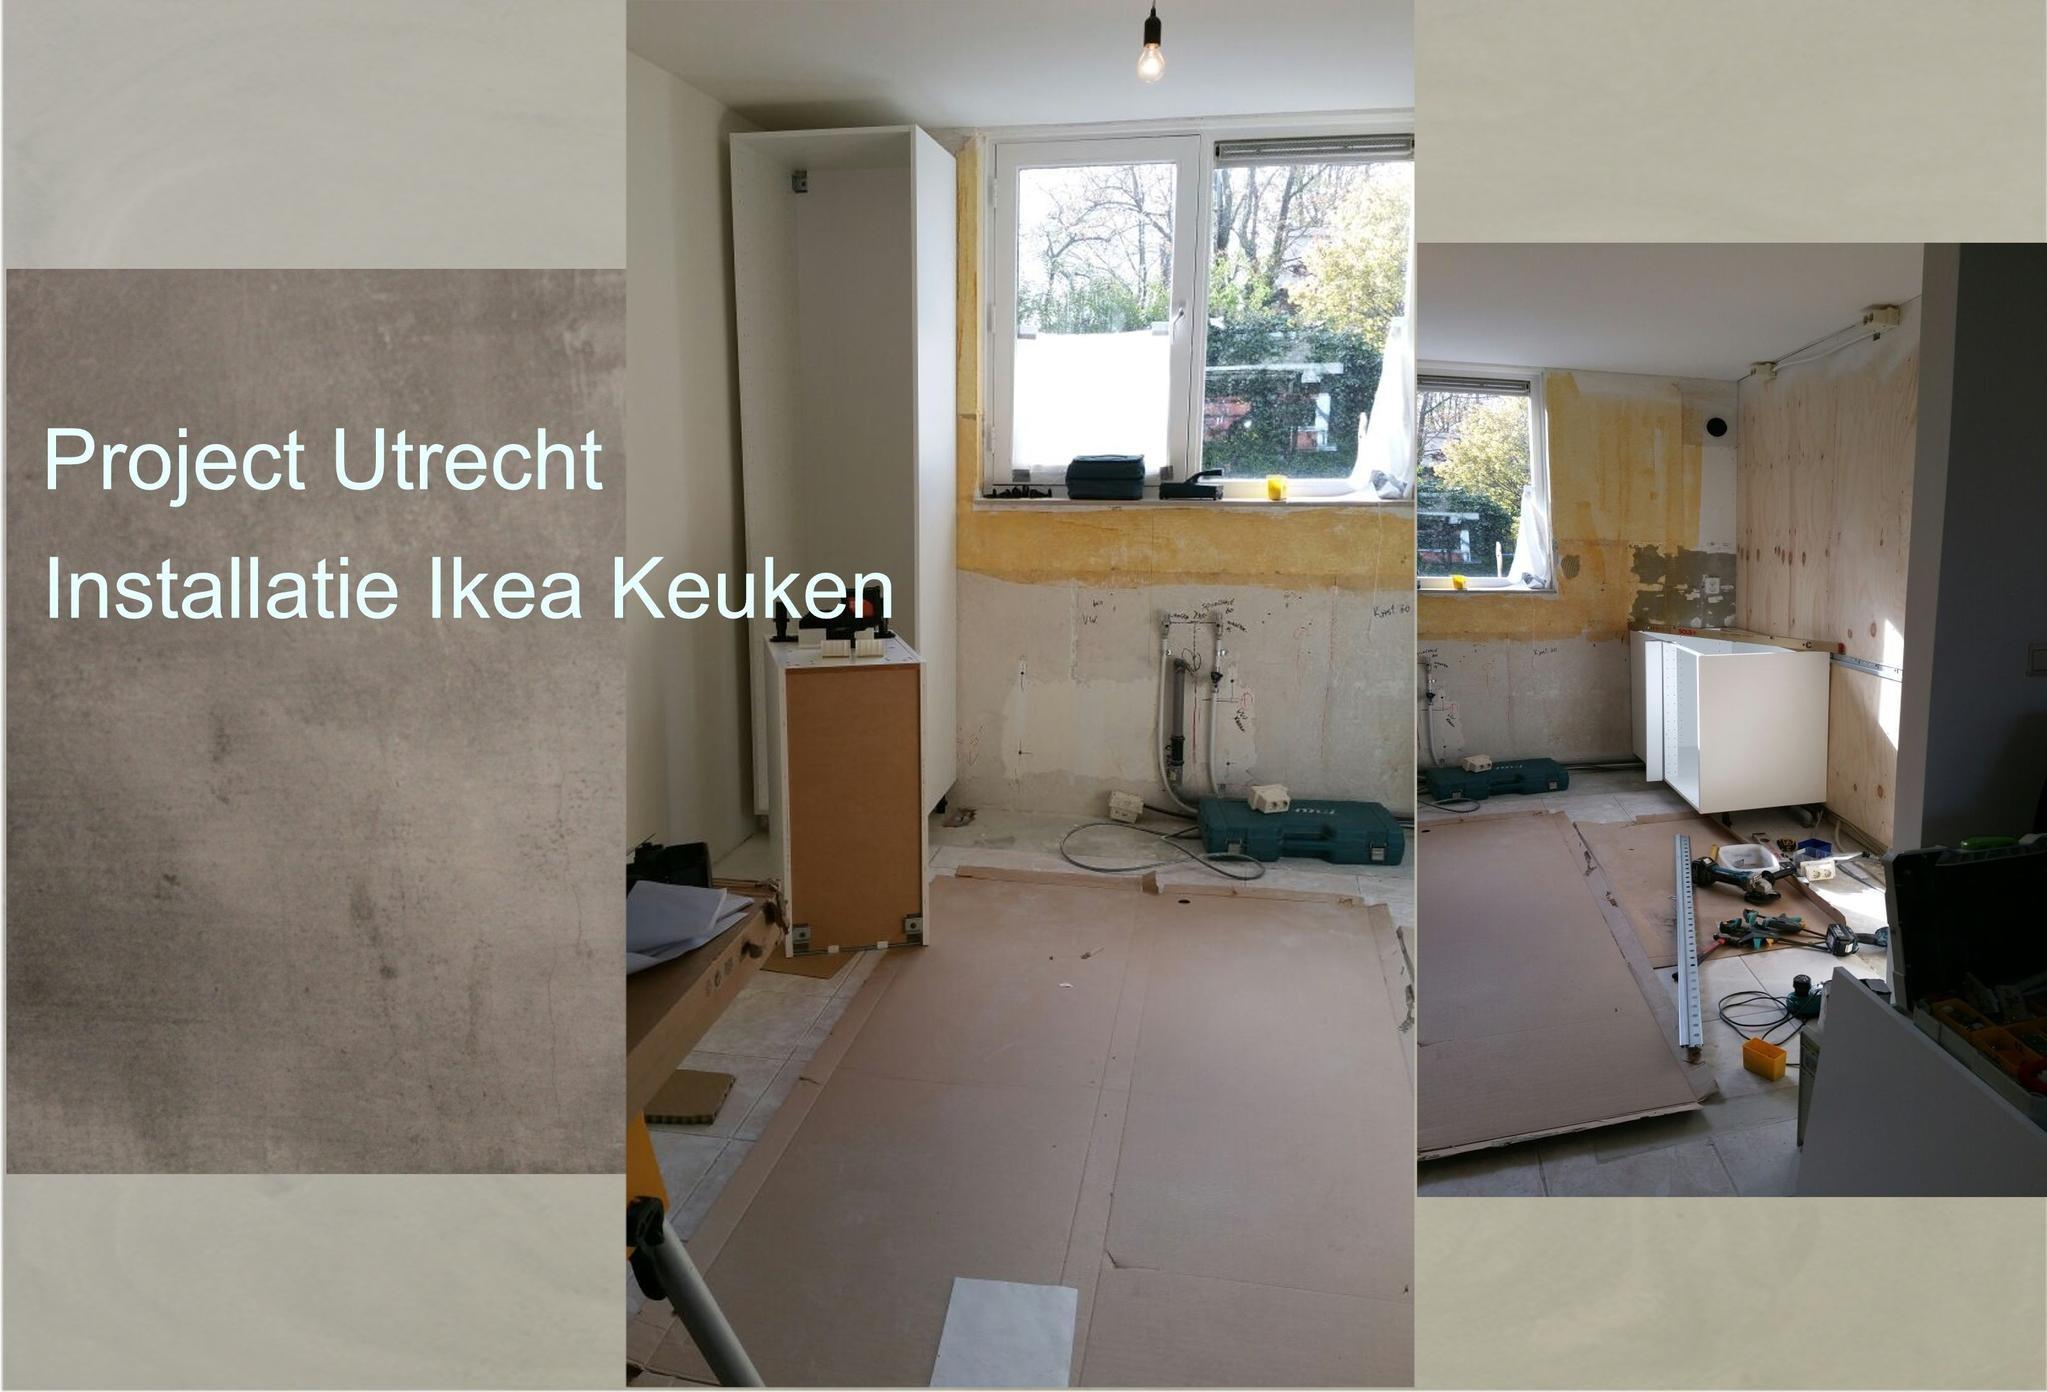 Ikea Keuken Installatie Kosten Informatie Over De Keuken